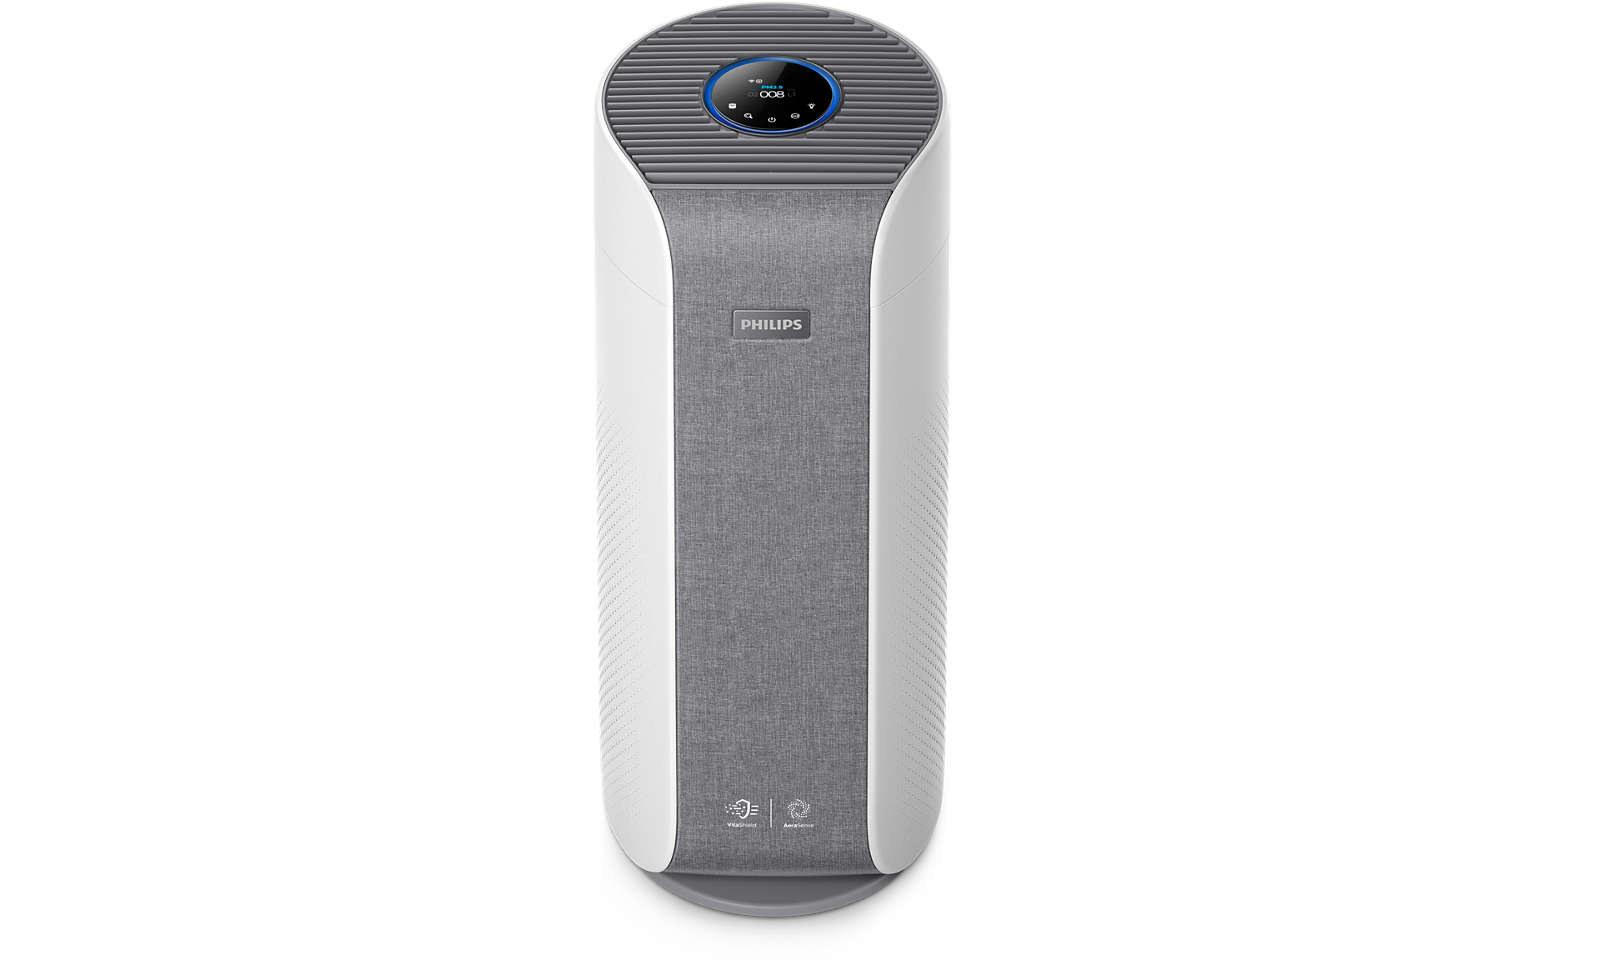 Oczyszczacz powietrza Philips AC3858/50 Dual Scan na białym tle.